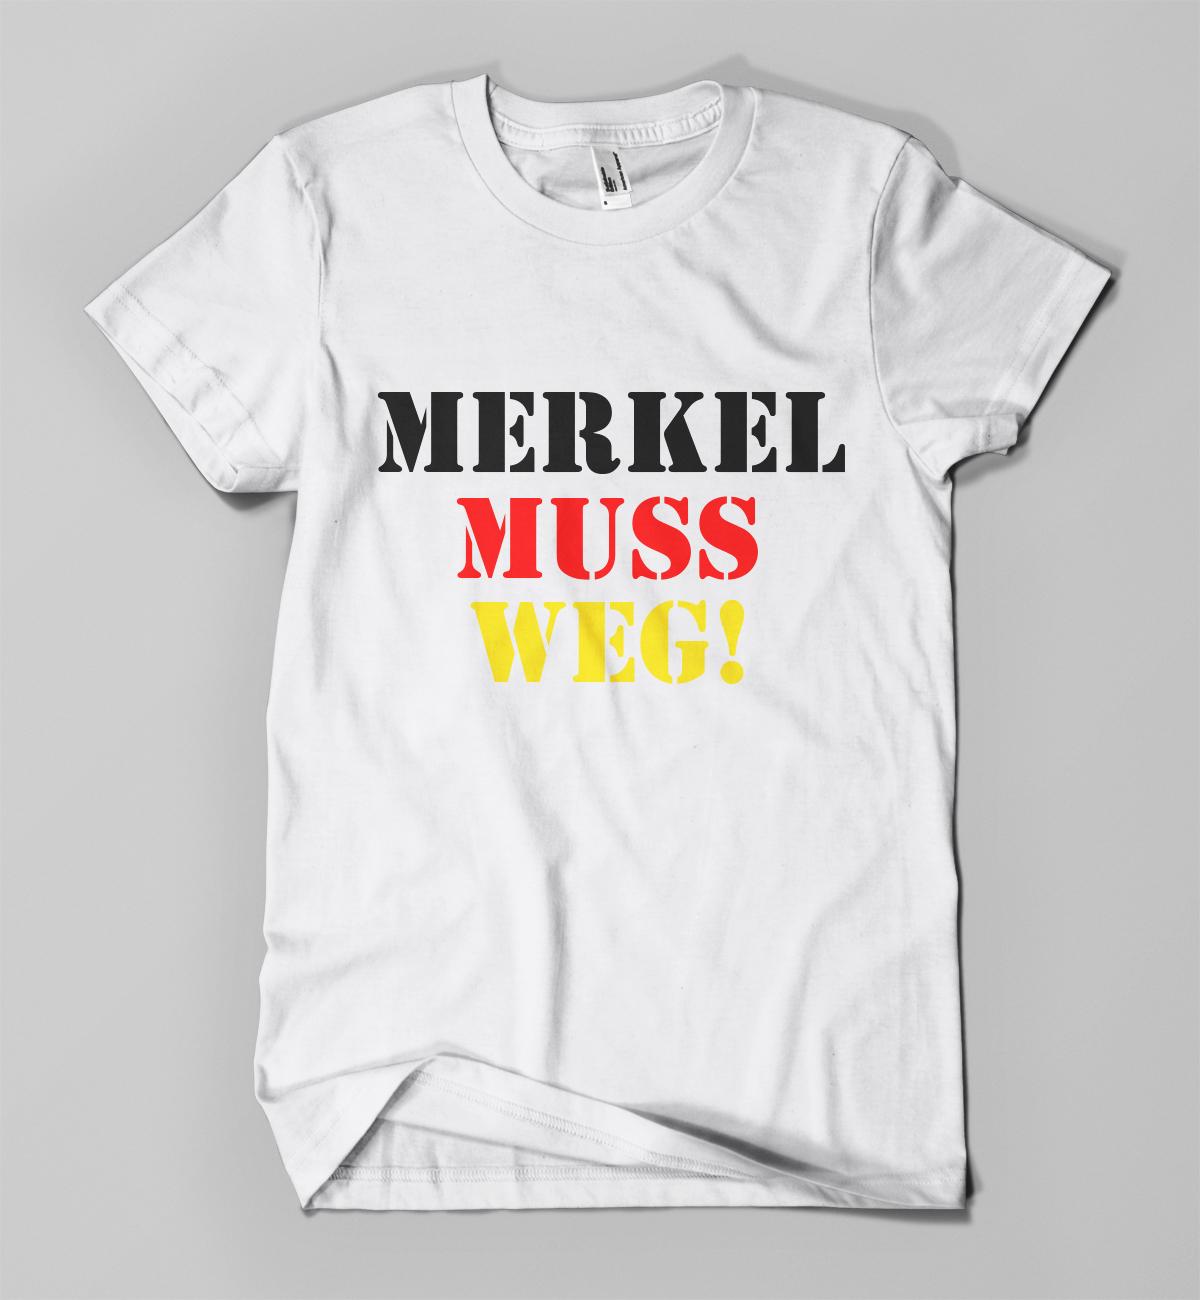 af667731362074 Versand der Bewegung - T-Shirt Merkel muss weg